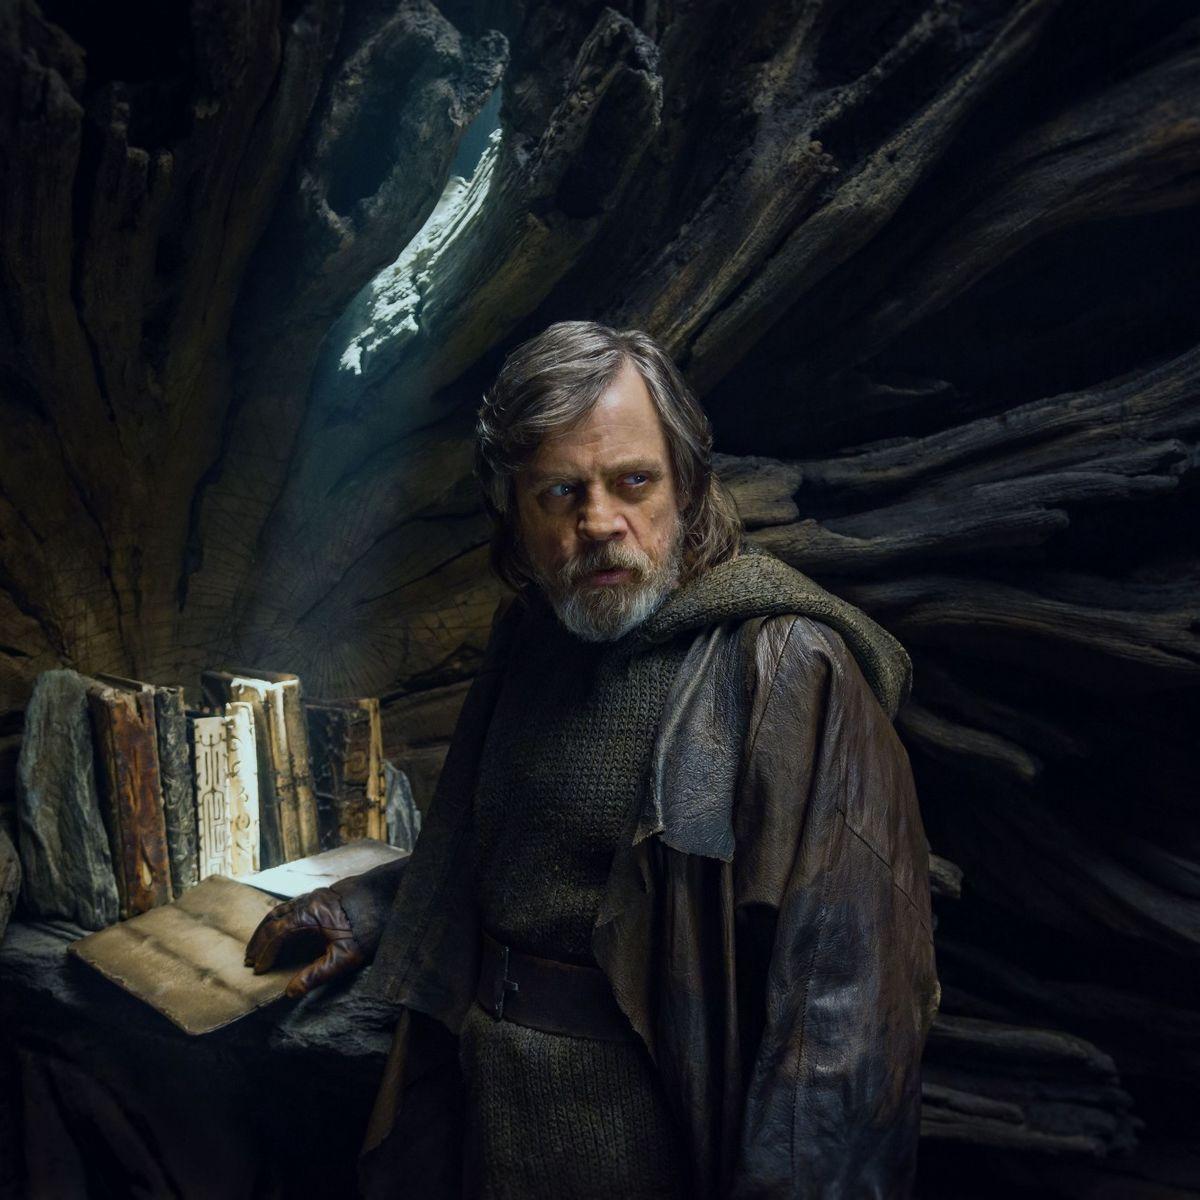 Star Wars The Last Jedi, Luke Skywalker